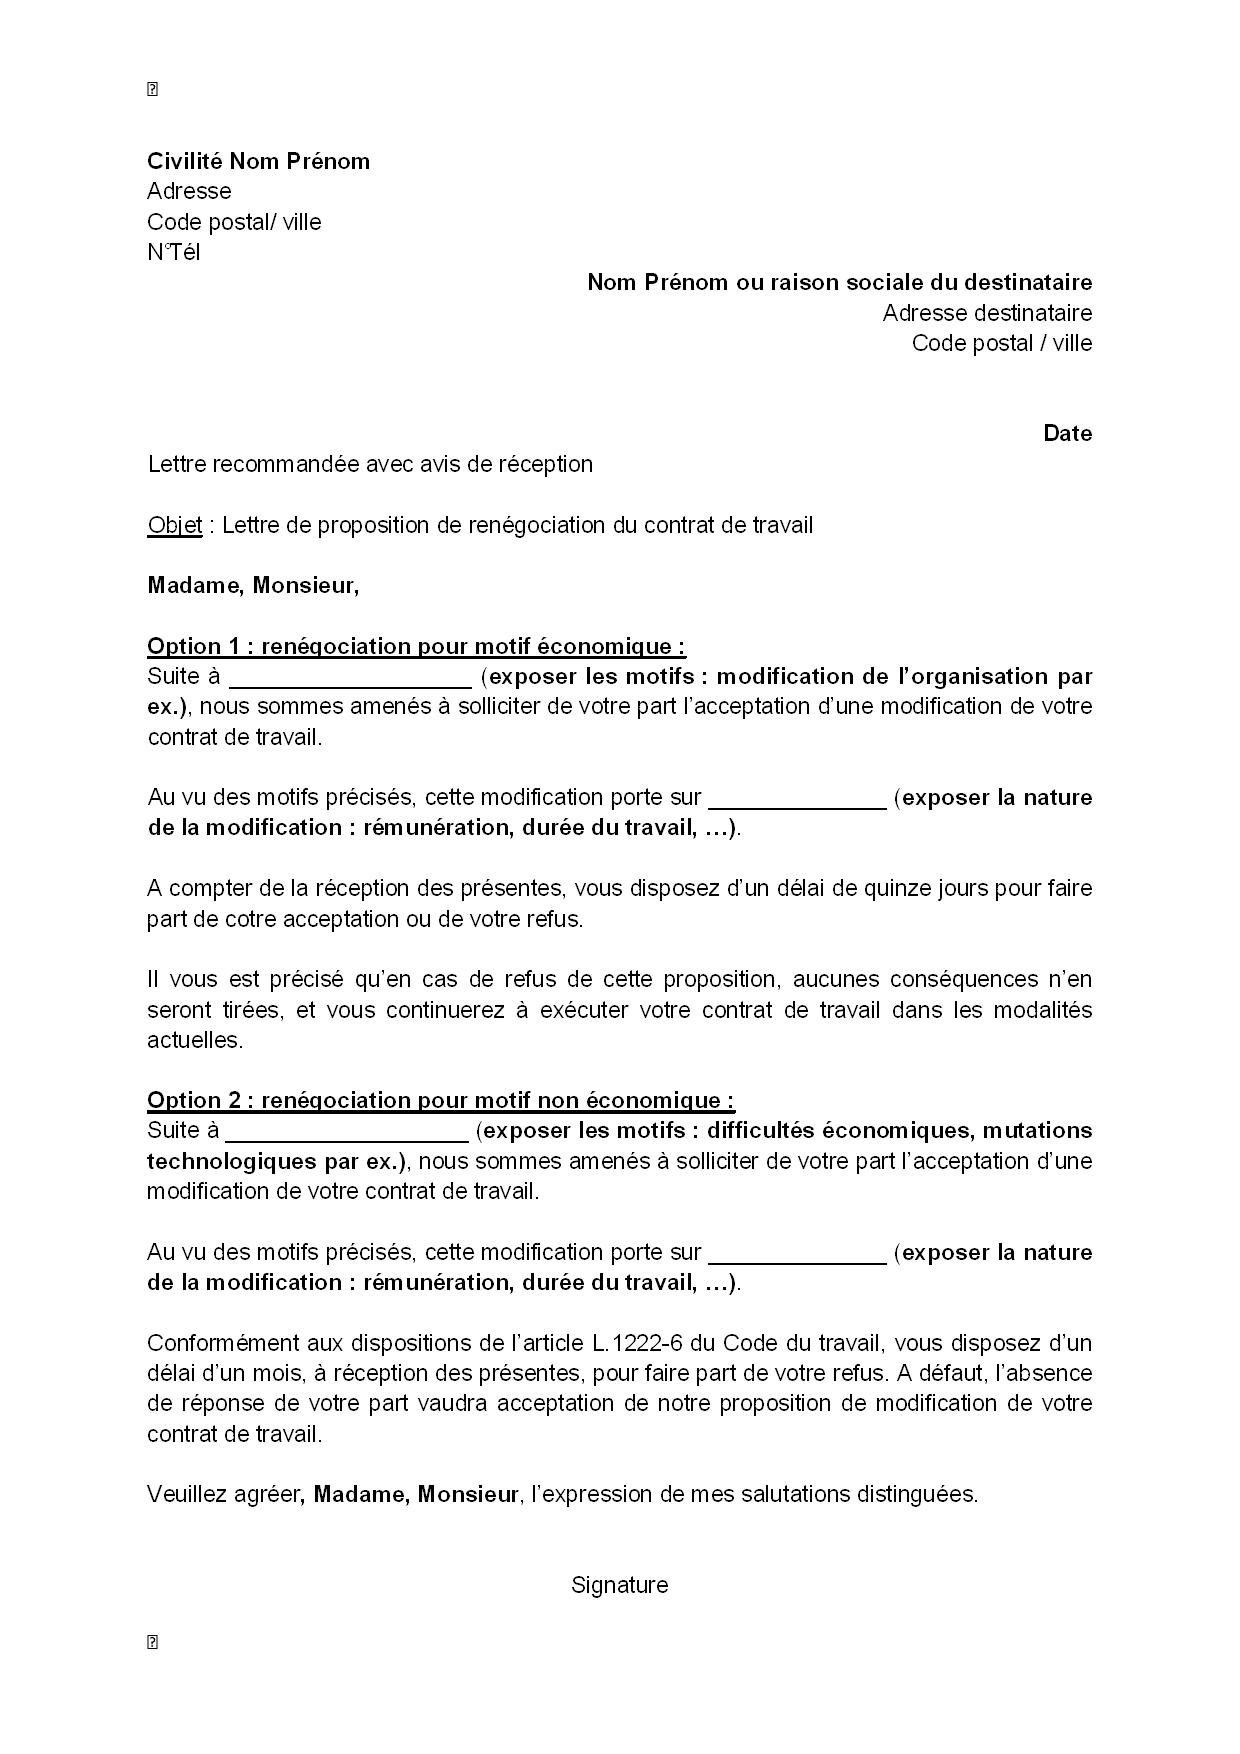 Exemple Gratuit De Lettre Proposition Renegociation Contrat Travail